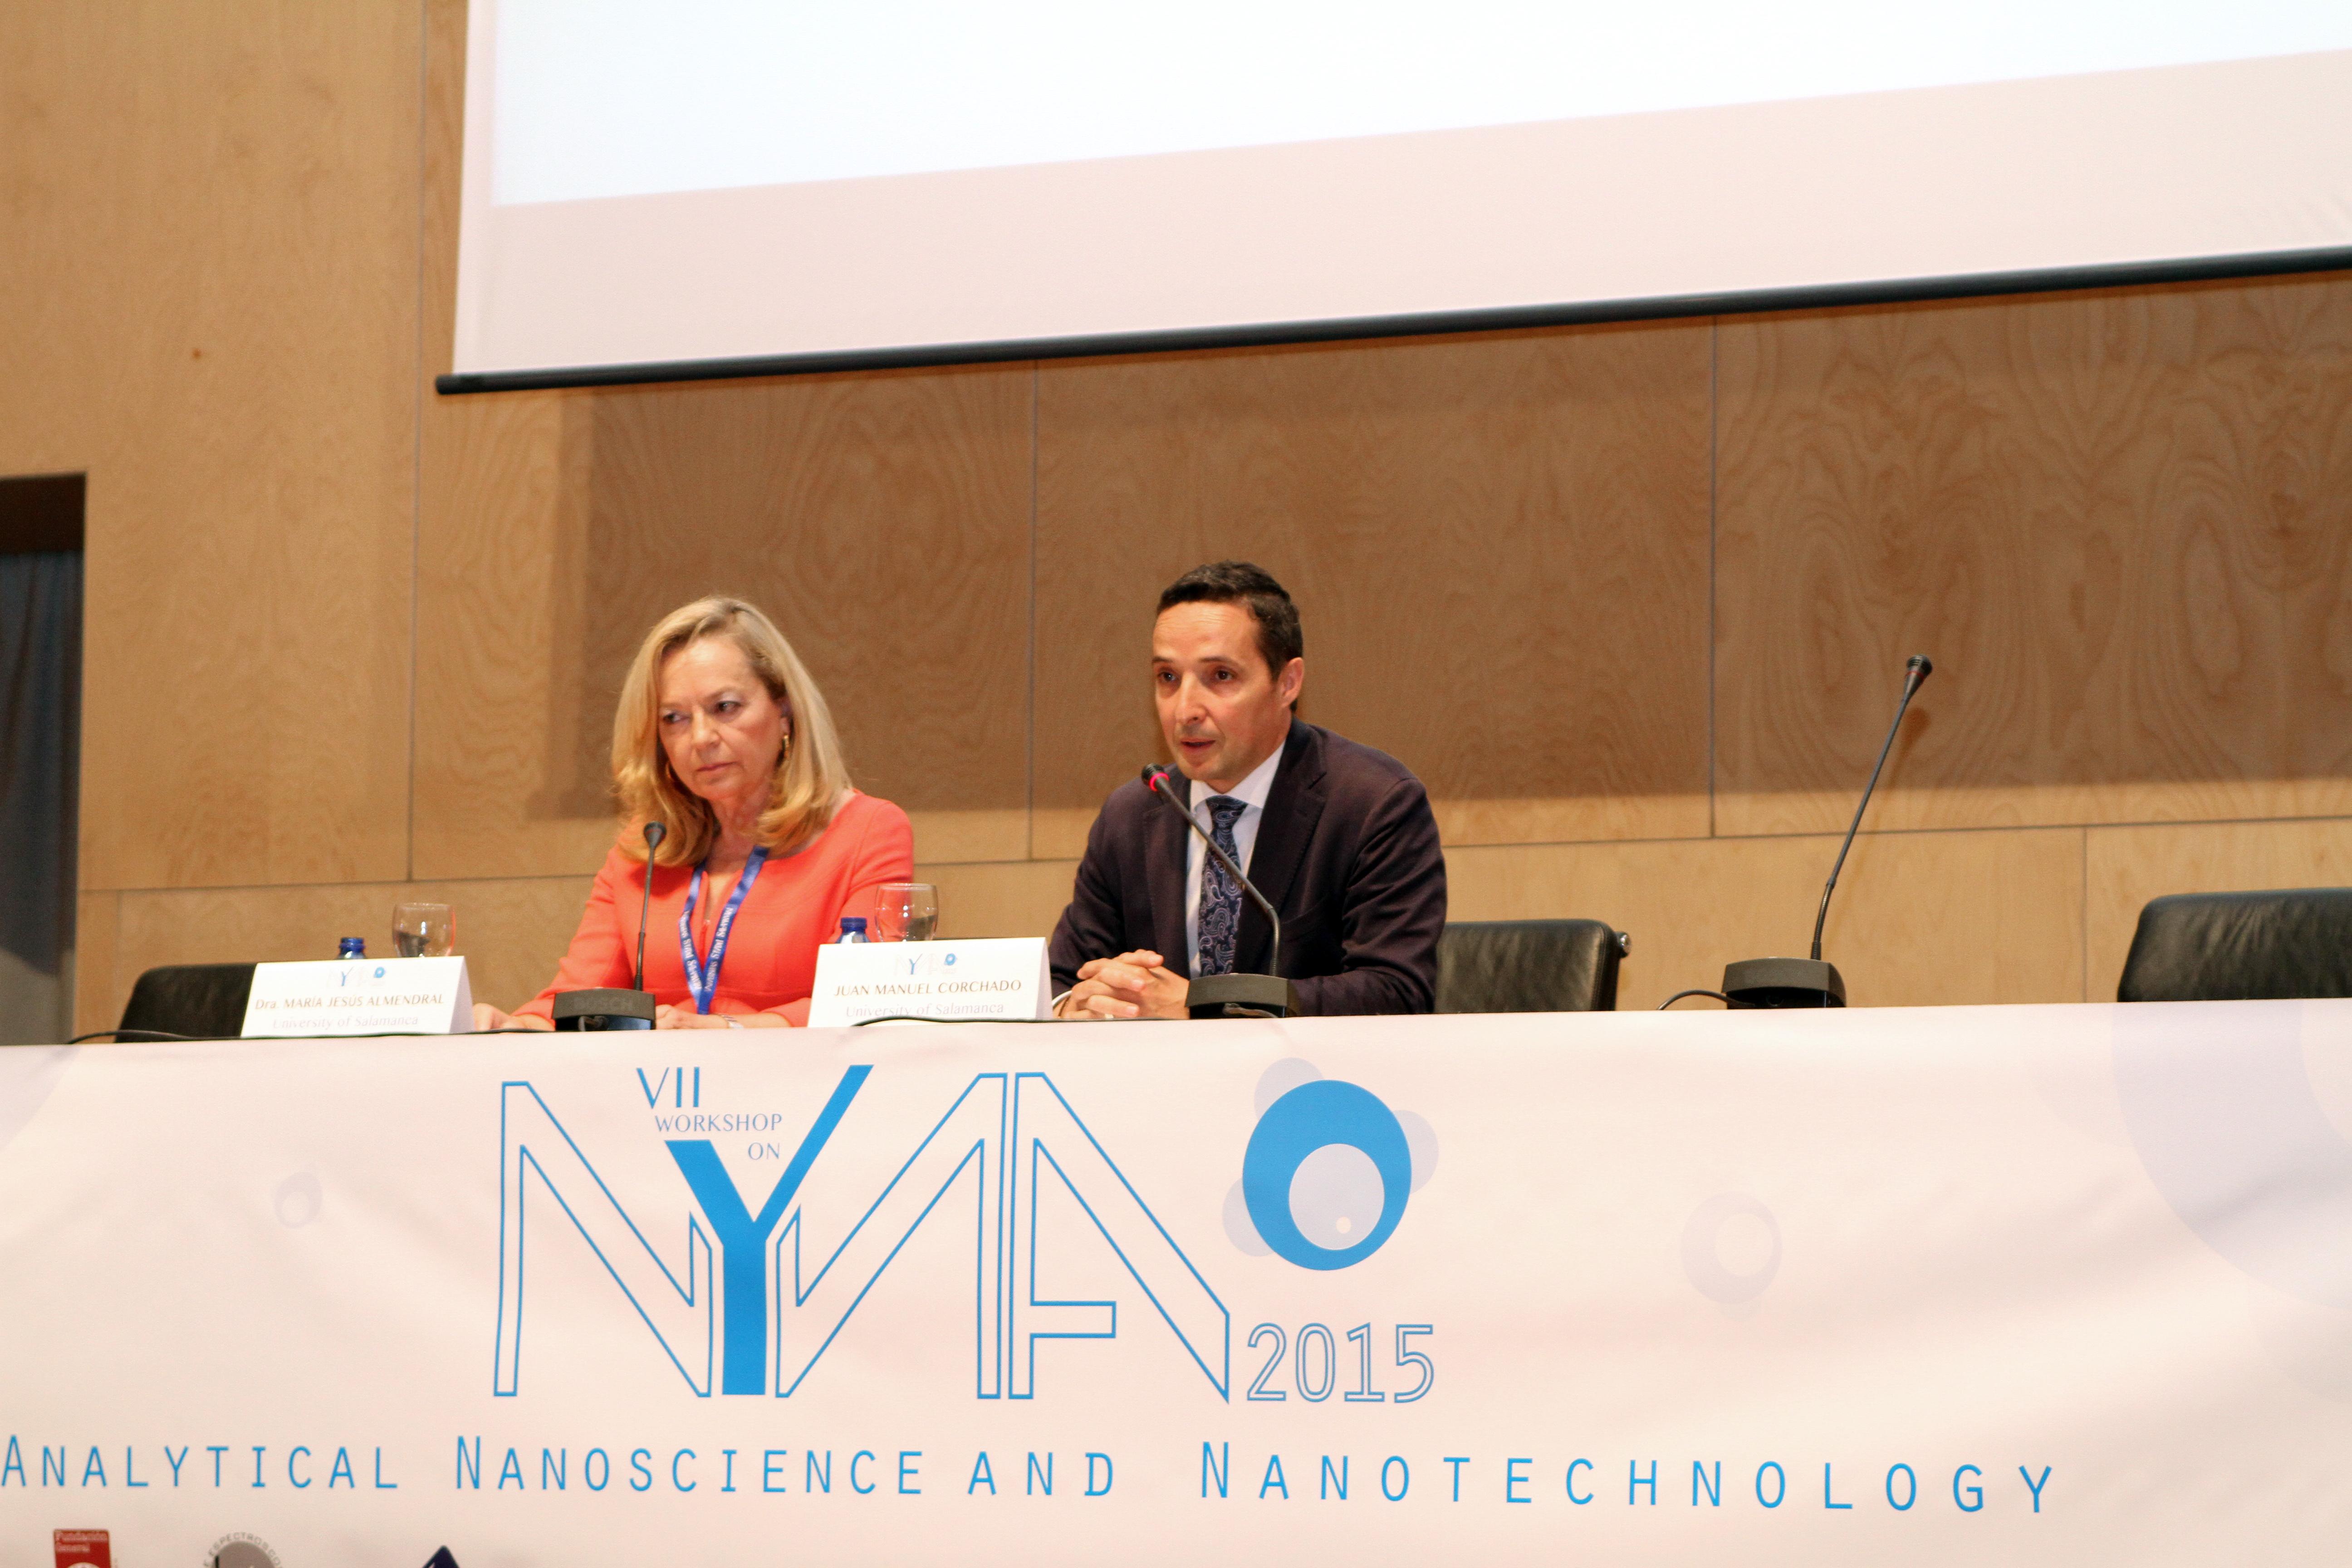 La Universidad de Salamanca acoge el VII Workshop en Nanociencia y Nanotecnología Analíticas